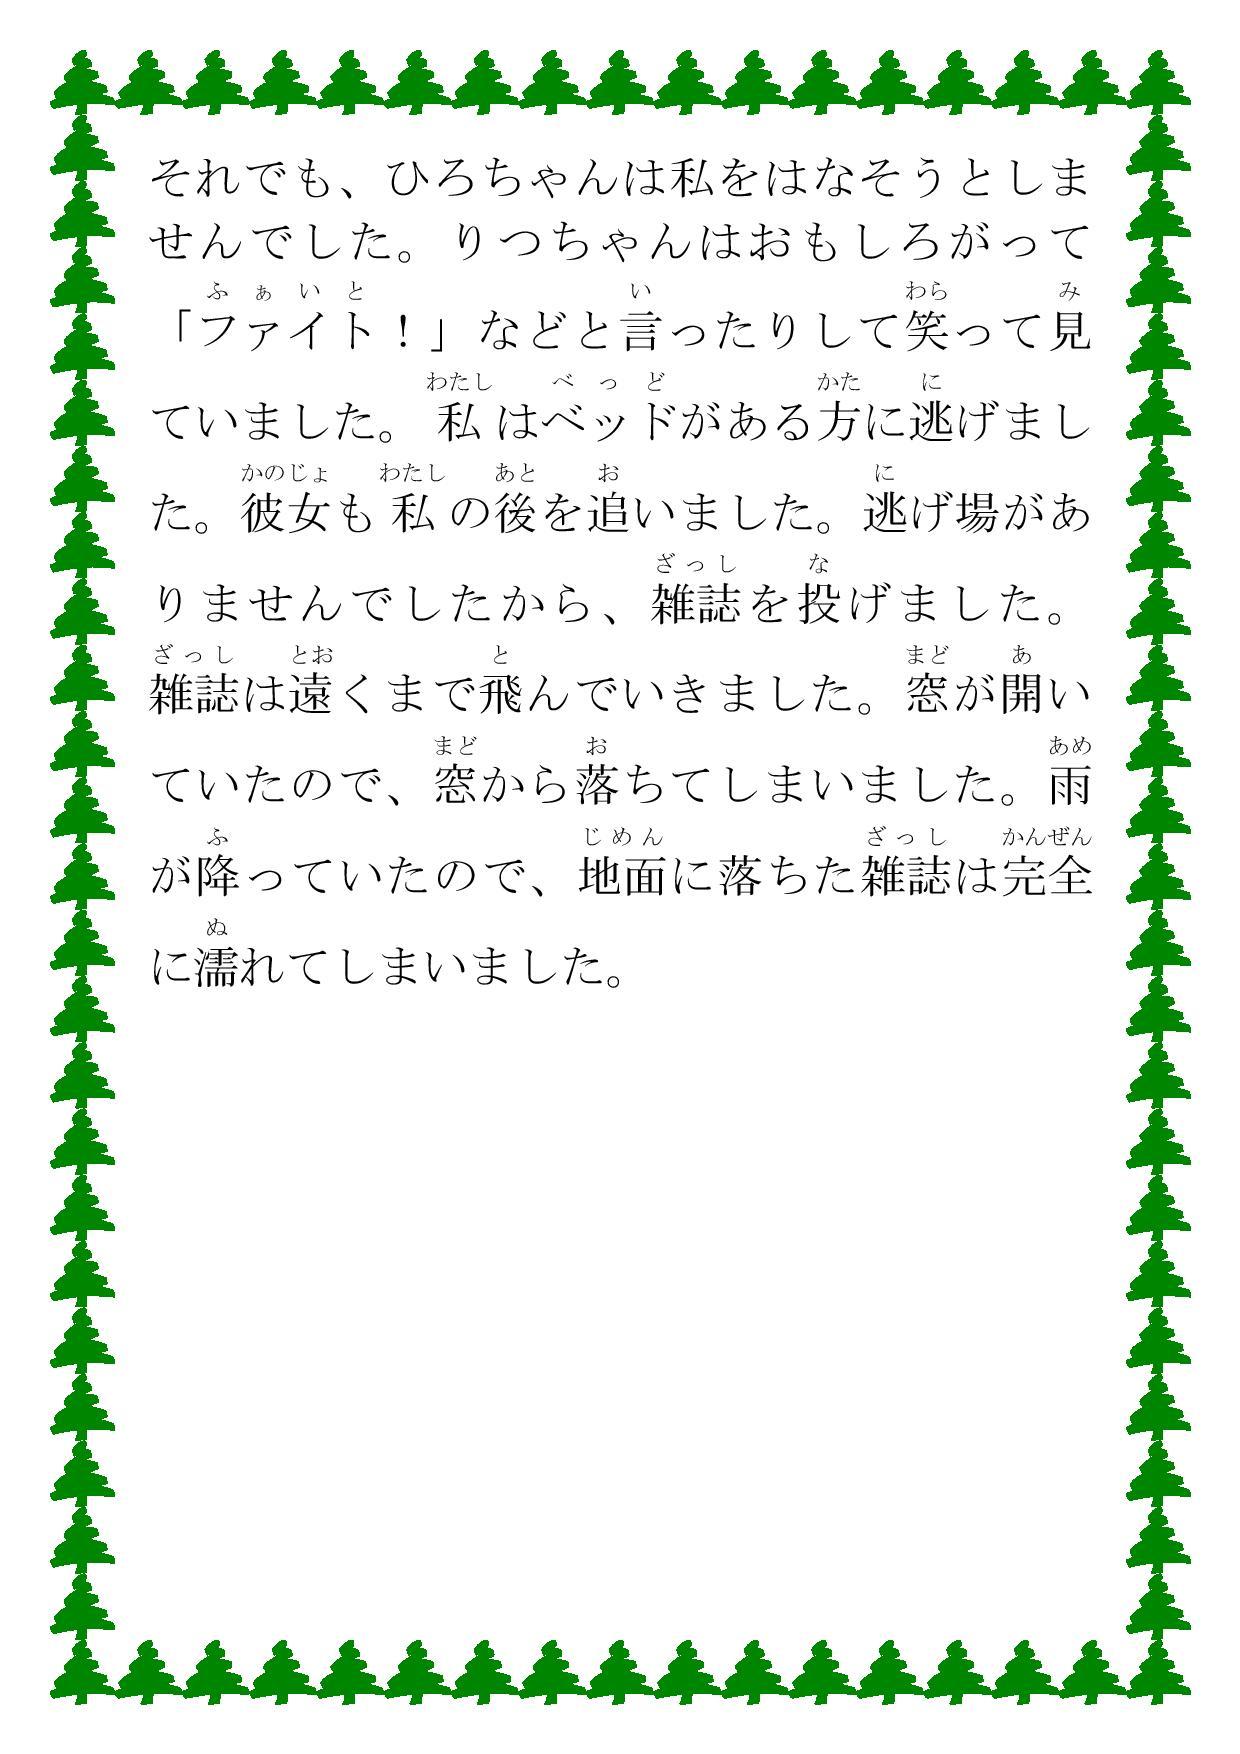 私の失敗 (Poziom średni - N4)-page-003